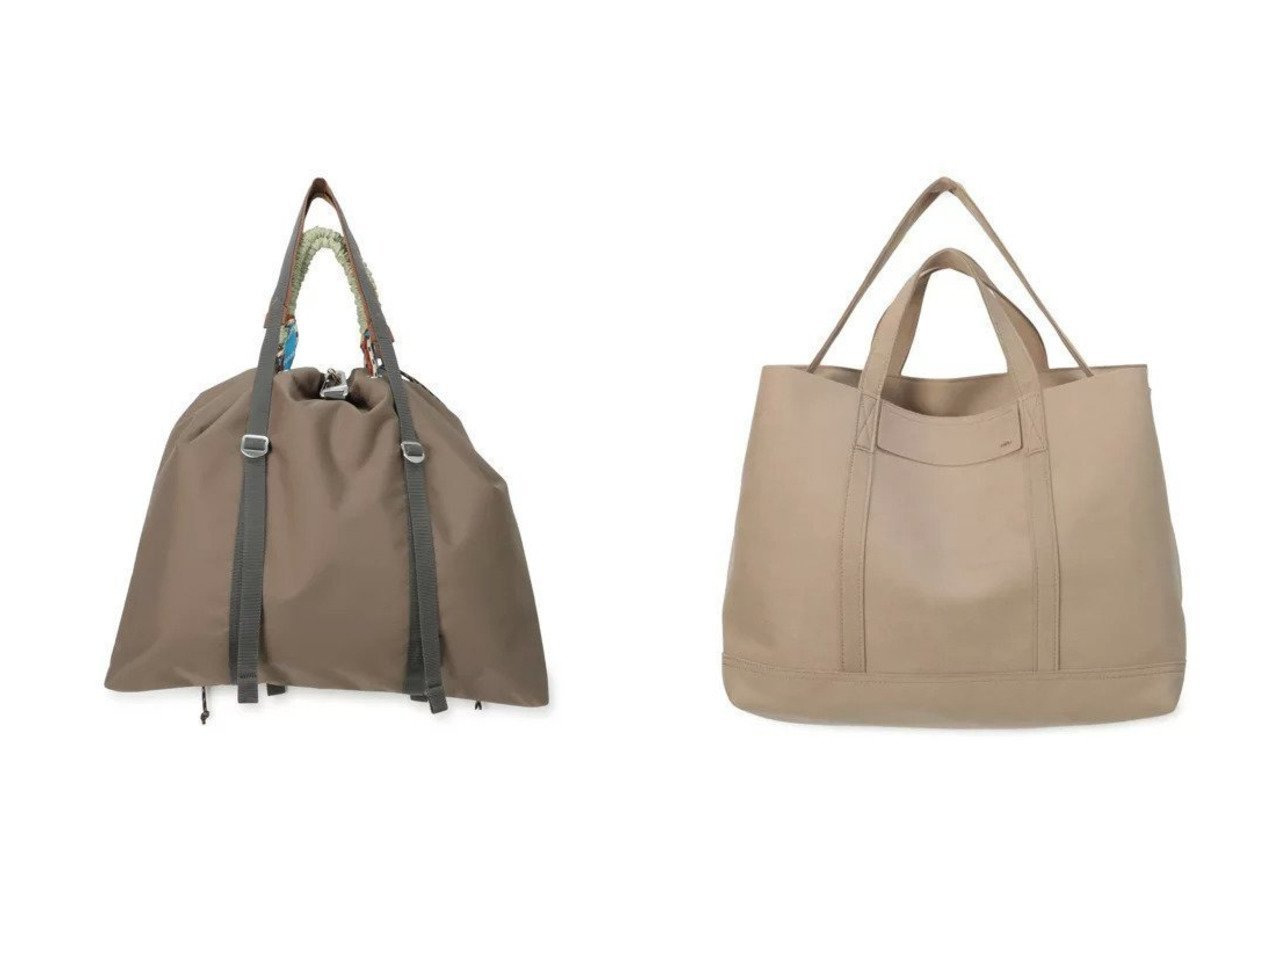 【zattu/ザッツ】のPATA(パタ)&MAC TO-TO(マックトート) バッグ・鞄のおすすめ!人気、トレンド・レディースファッションの通販 おすすめで人気の流行・トレンド、ファッションの通販商品 メンズファッション・キッズファッション・インテリア・家具・レディースファッション・服の通販 founy(ファニー) https://founy.com/ ファッション Fashion レディースファッション WOMEN バッグ Bag アウトドア ダブル フォルム ラウンド 巾着 シンプル  ID:crp329100000016329